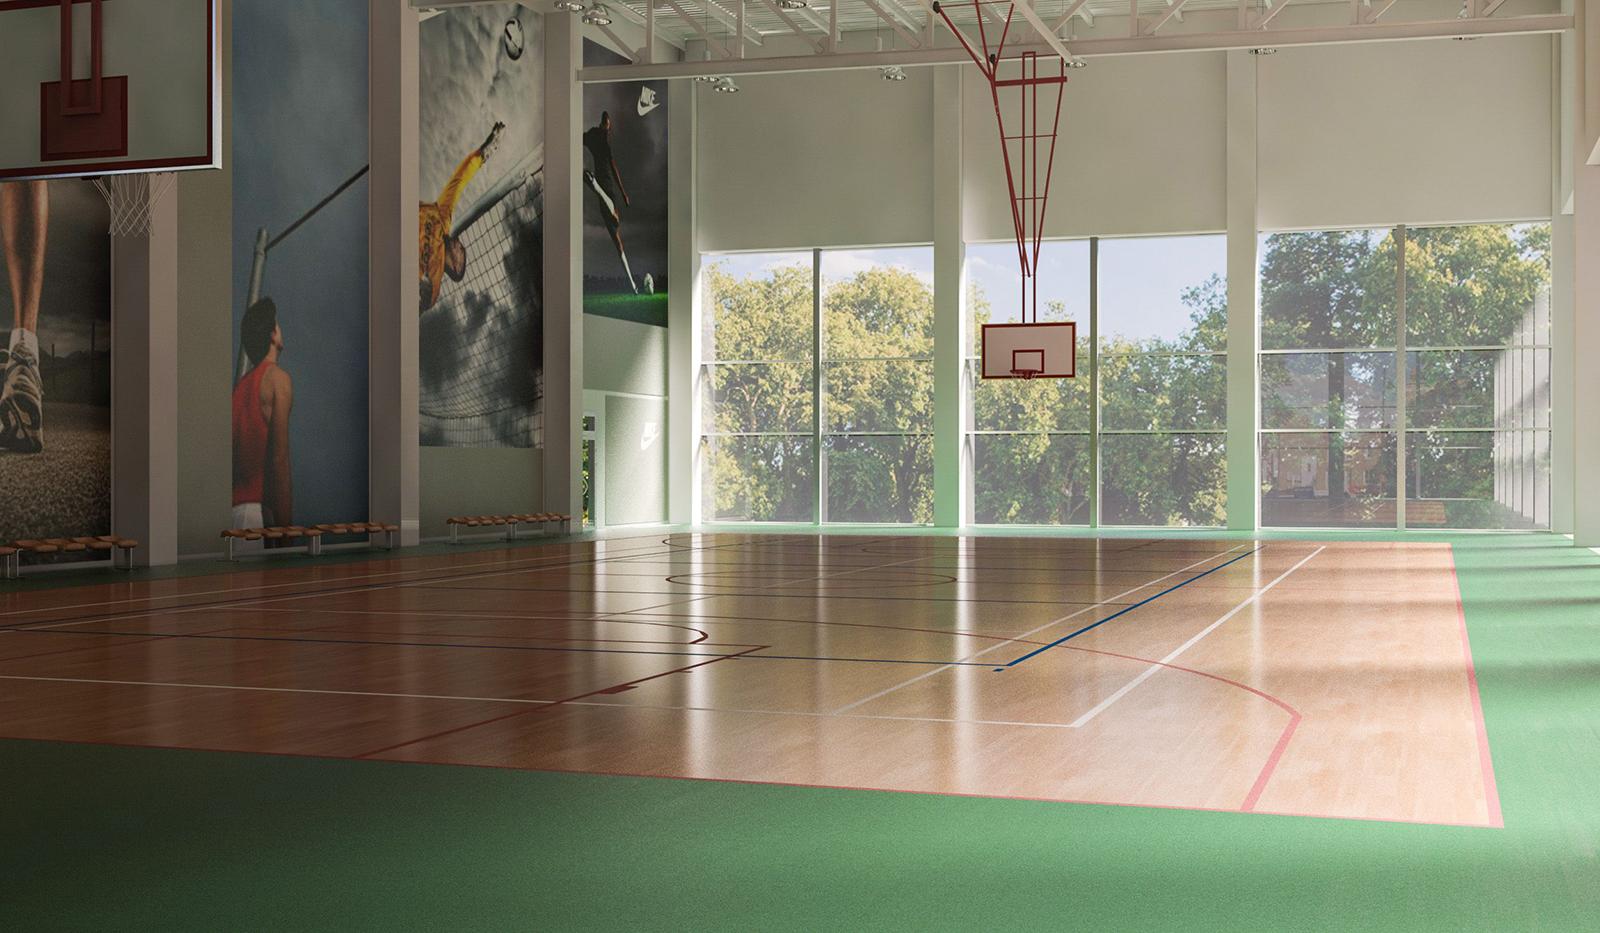 Фитнес-клуб Kinext: игровой корт